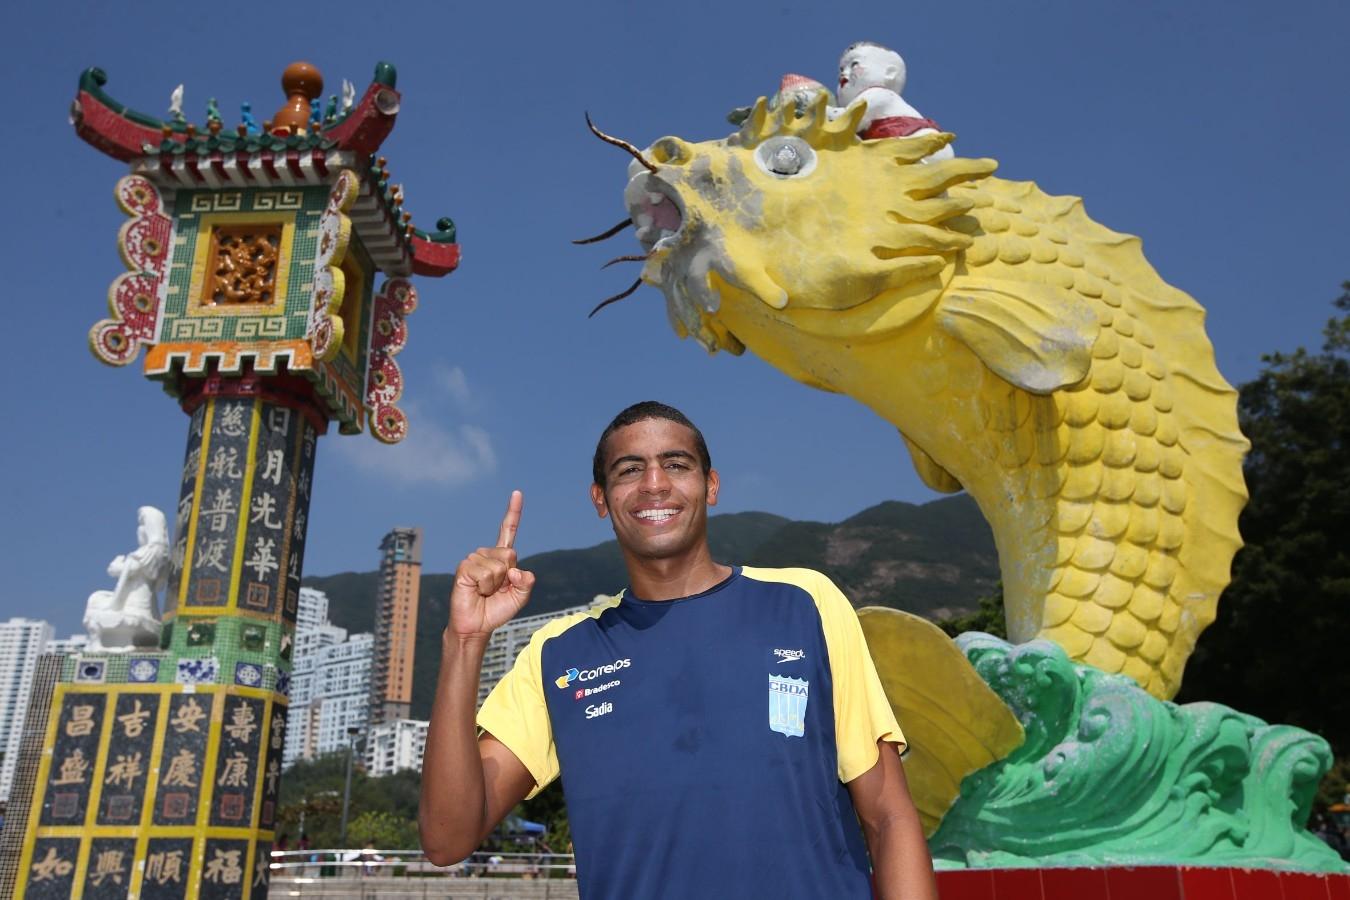 Allan do Carmo. Copa do Mundo de Maratonas Aquaticas, etapa Travessia de Hong Kong na Repulse Bay . 18 de Outubro de 2014, Hong Kong. Foto: Satiro Sodre/SSPress.